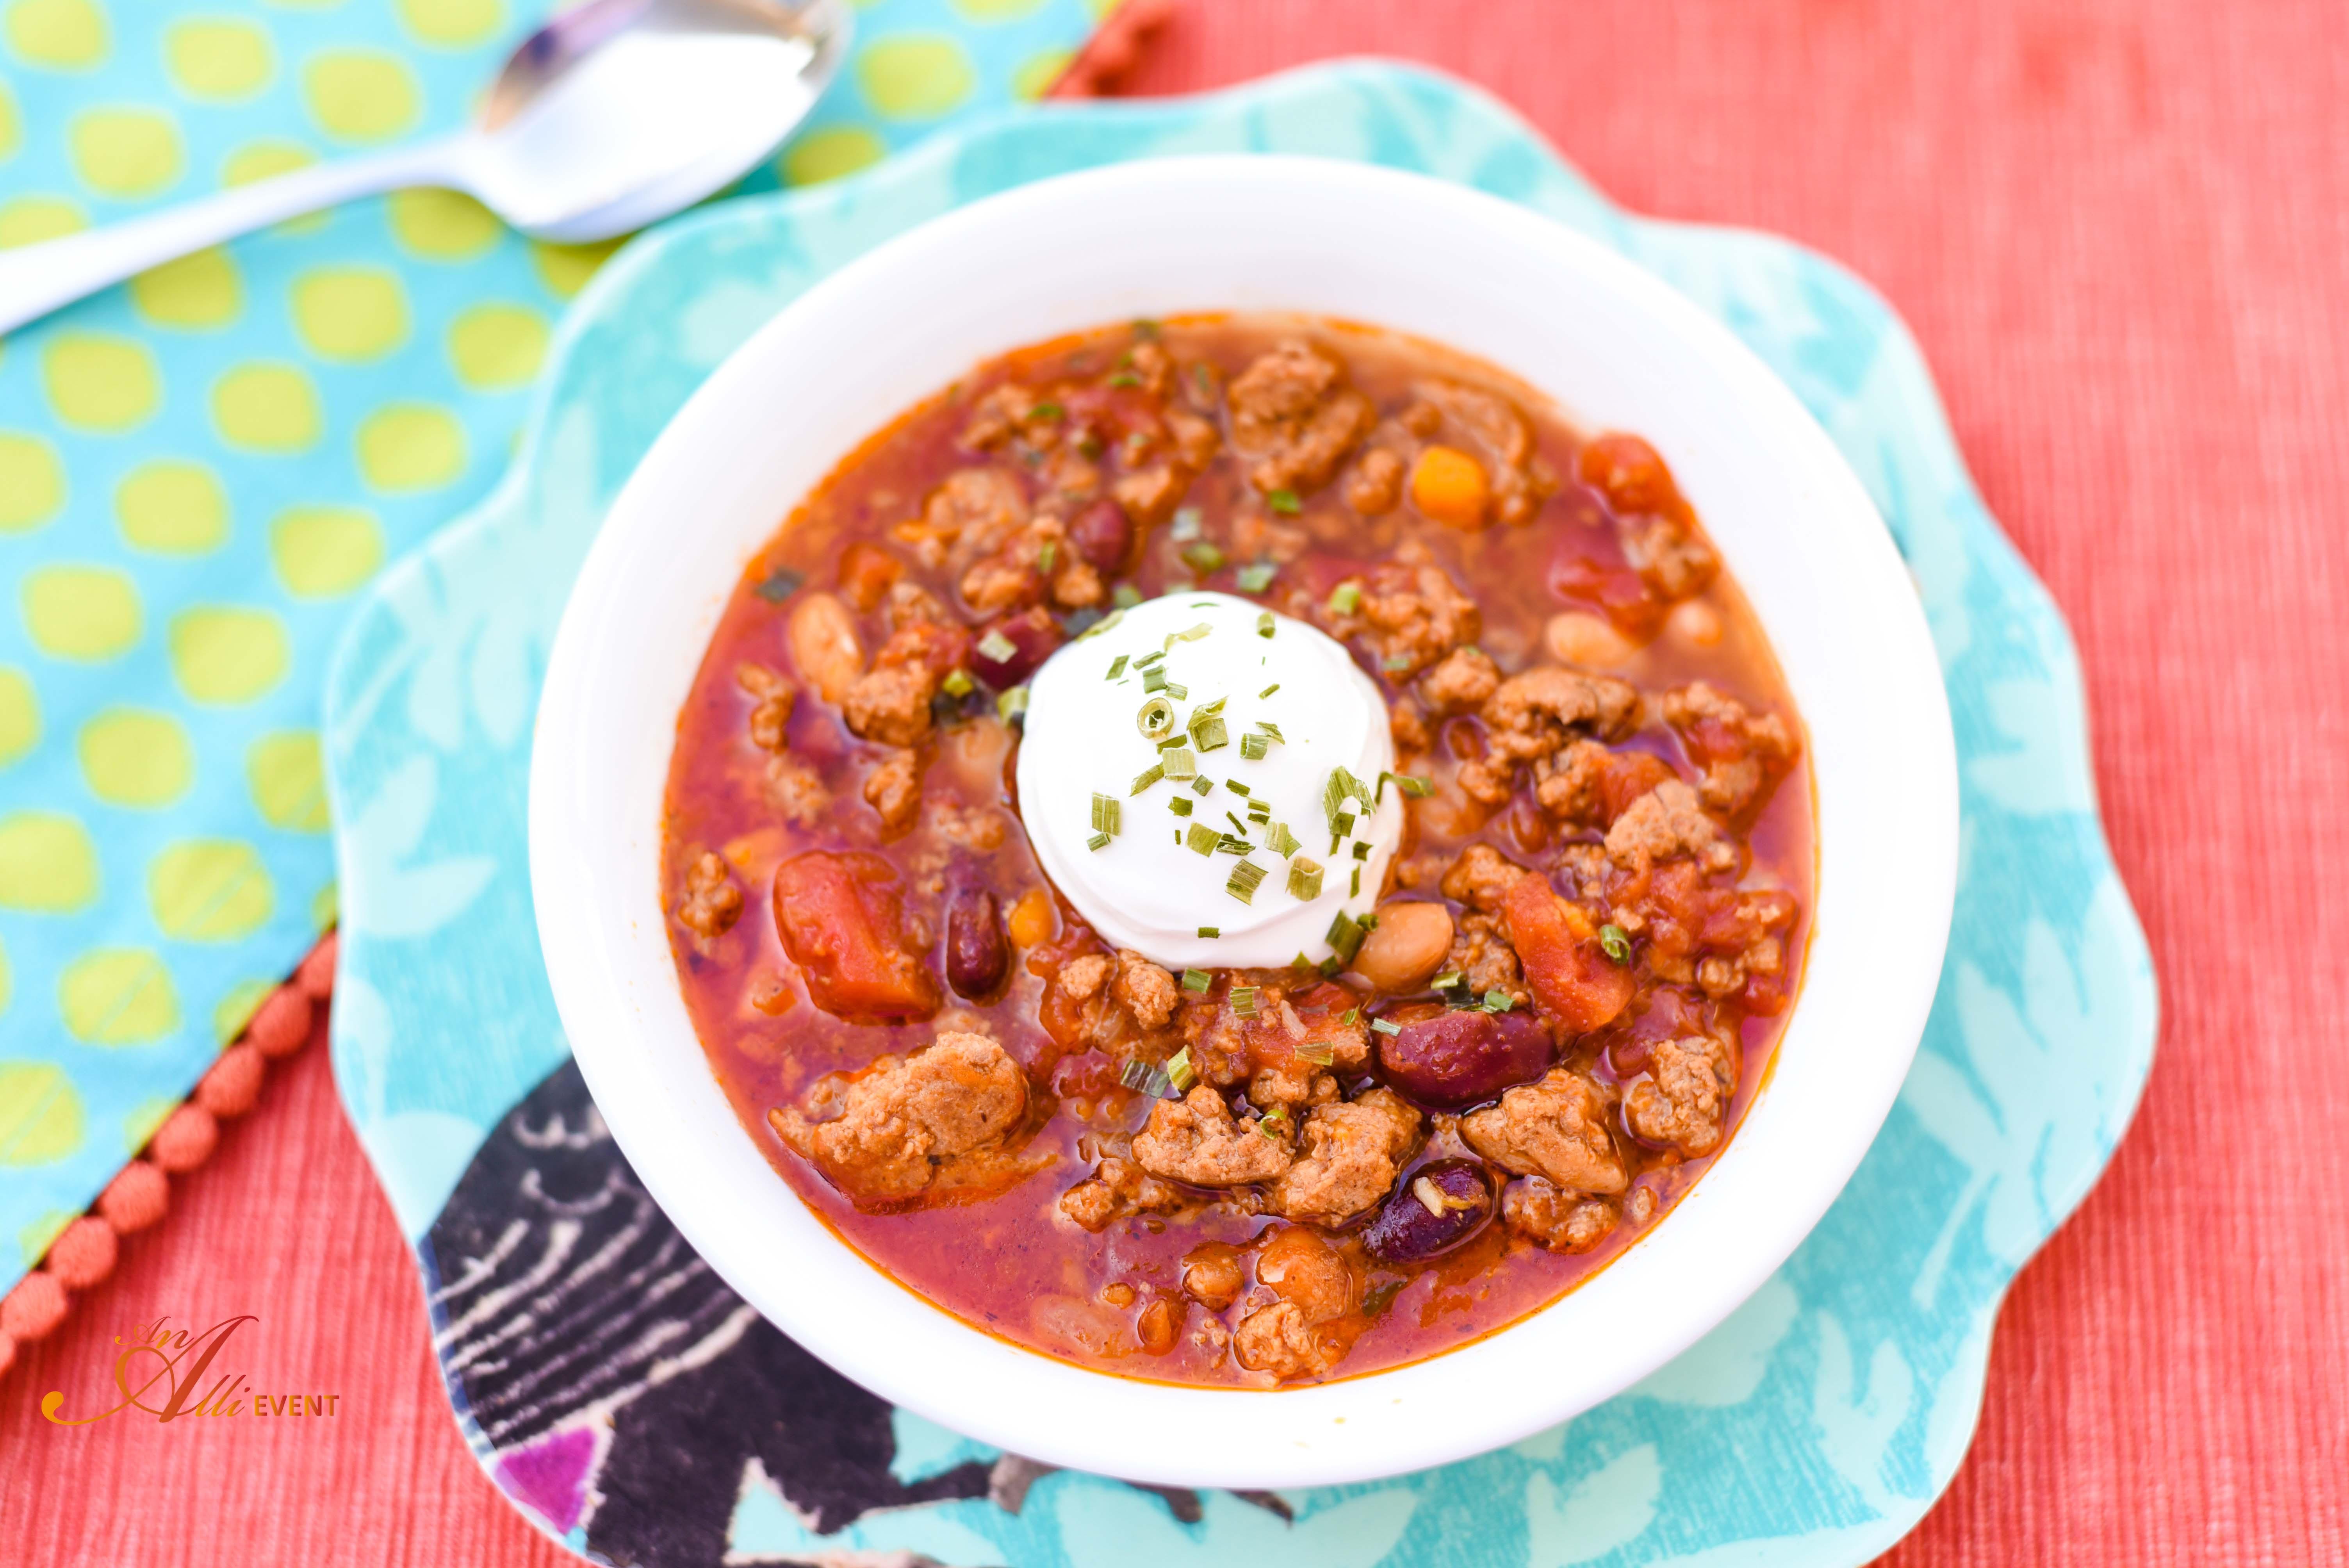 Heart Healthy Turkey Chili  My Heart Story and Heart Healthy Turkey Chili An Alli Event